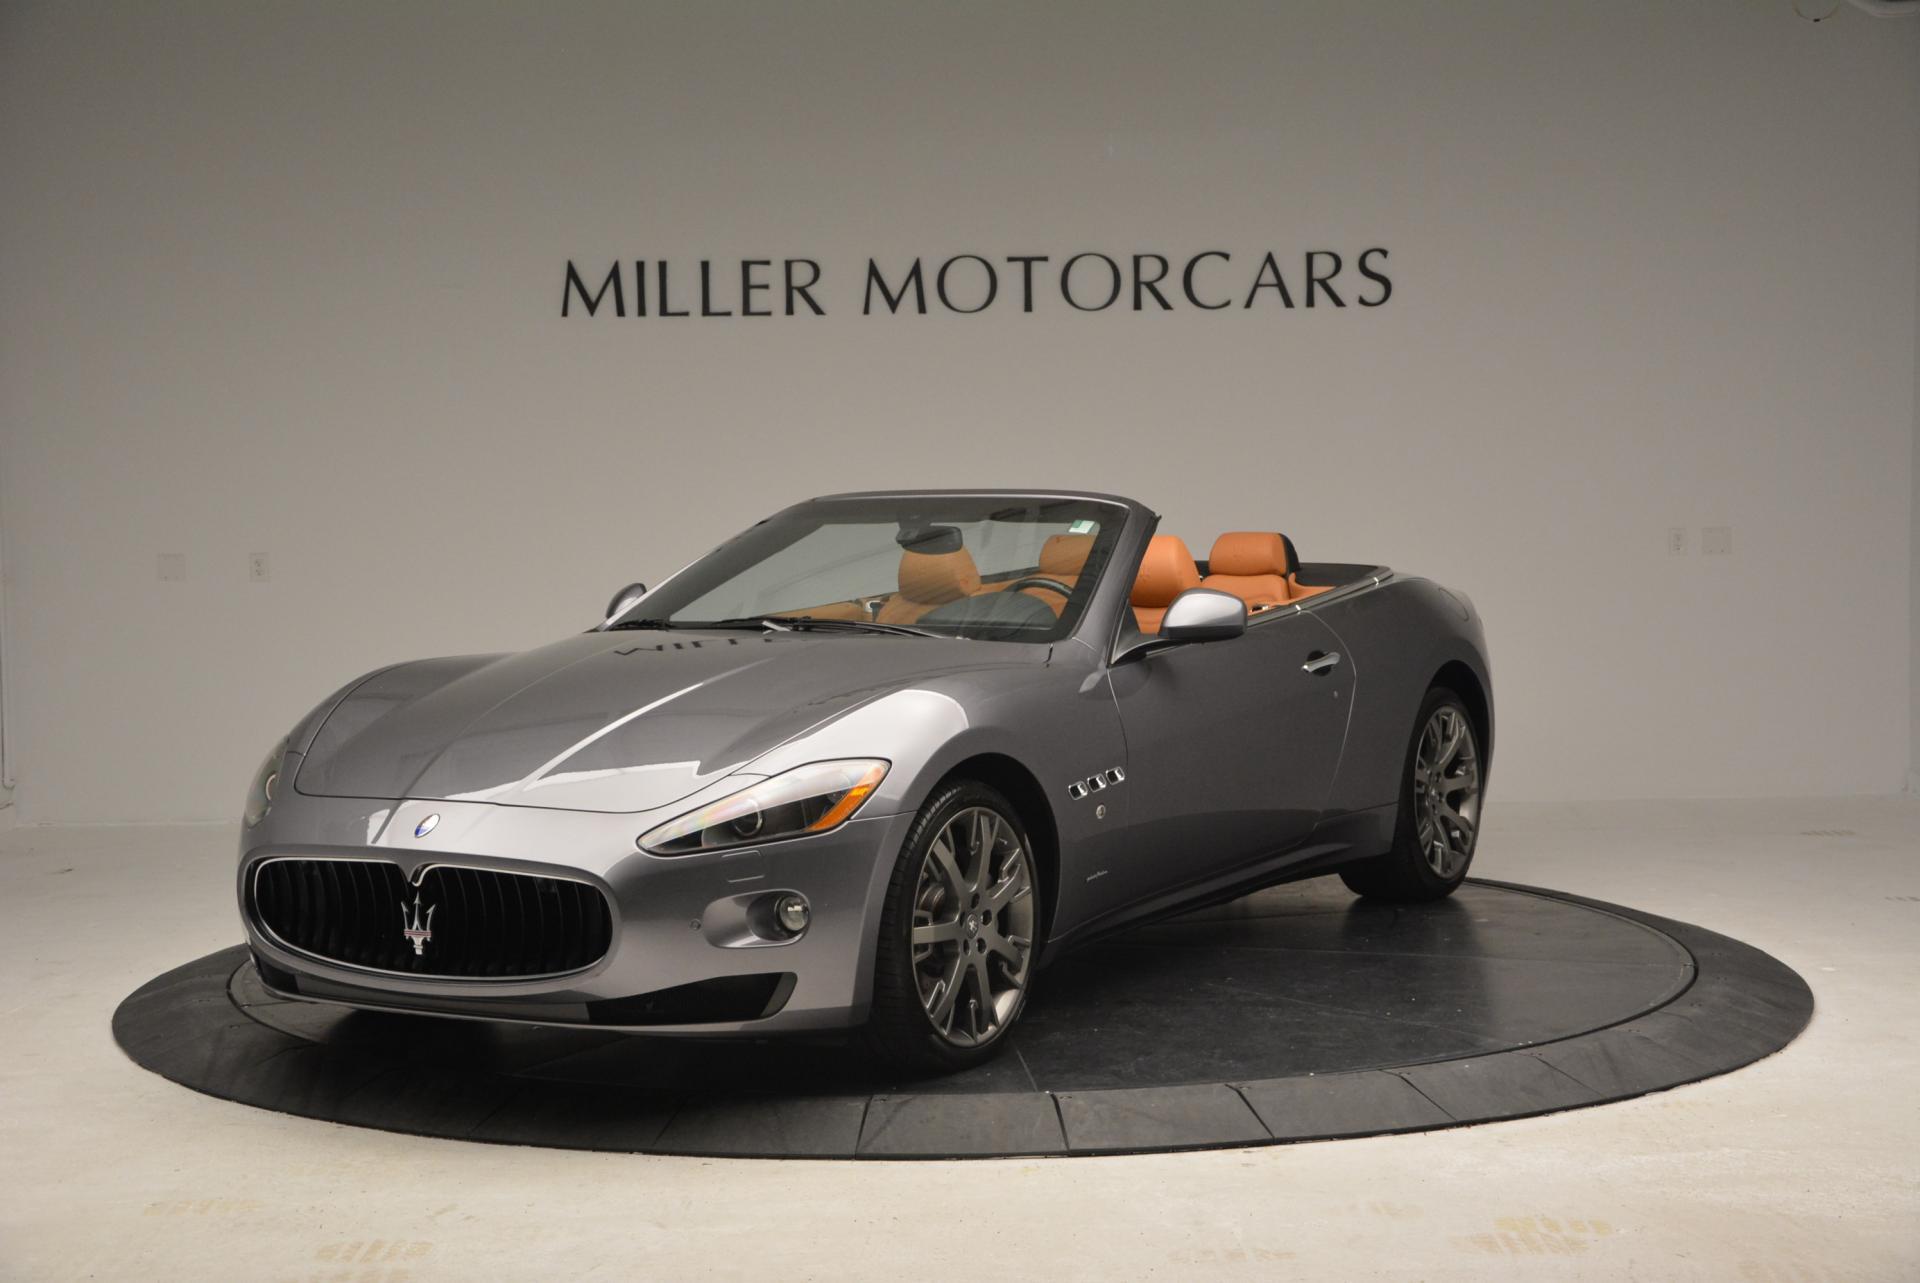 Used 2012 Maserati GranTurismo for sale Sold at Alfa Romeo of Greenwich in Greenwich CT 06830 1